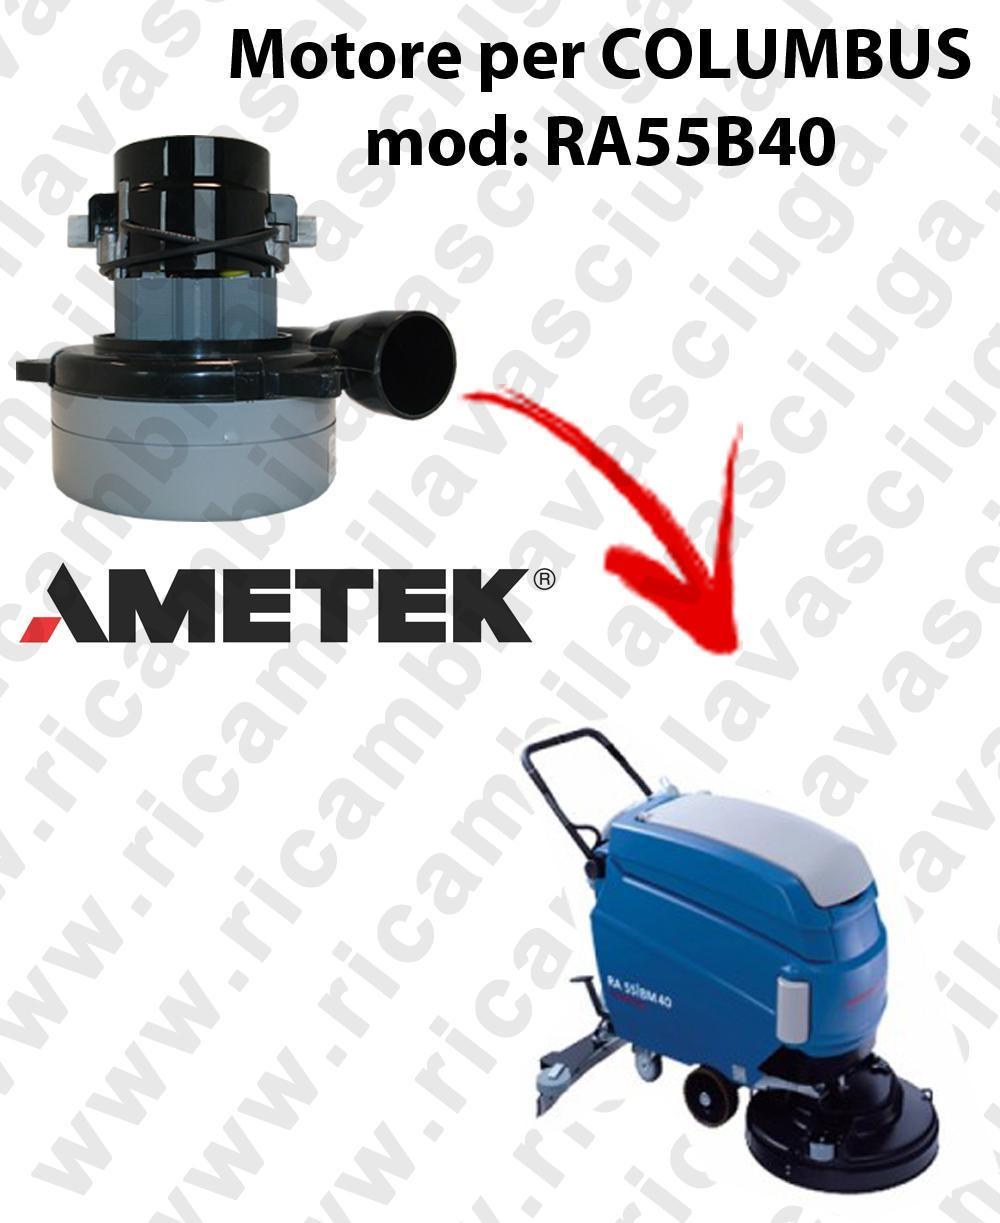 RA55B40 MOTEUR ASPIRATION LAMB AMATEK pour autolaveuses COLUMBUS